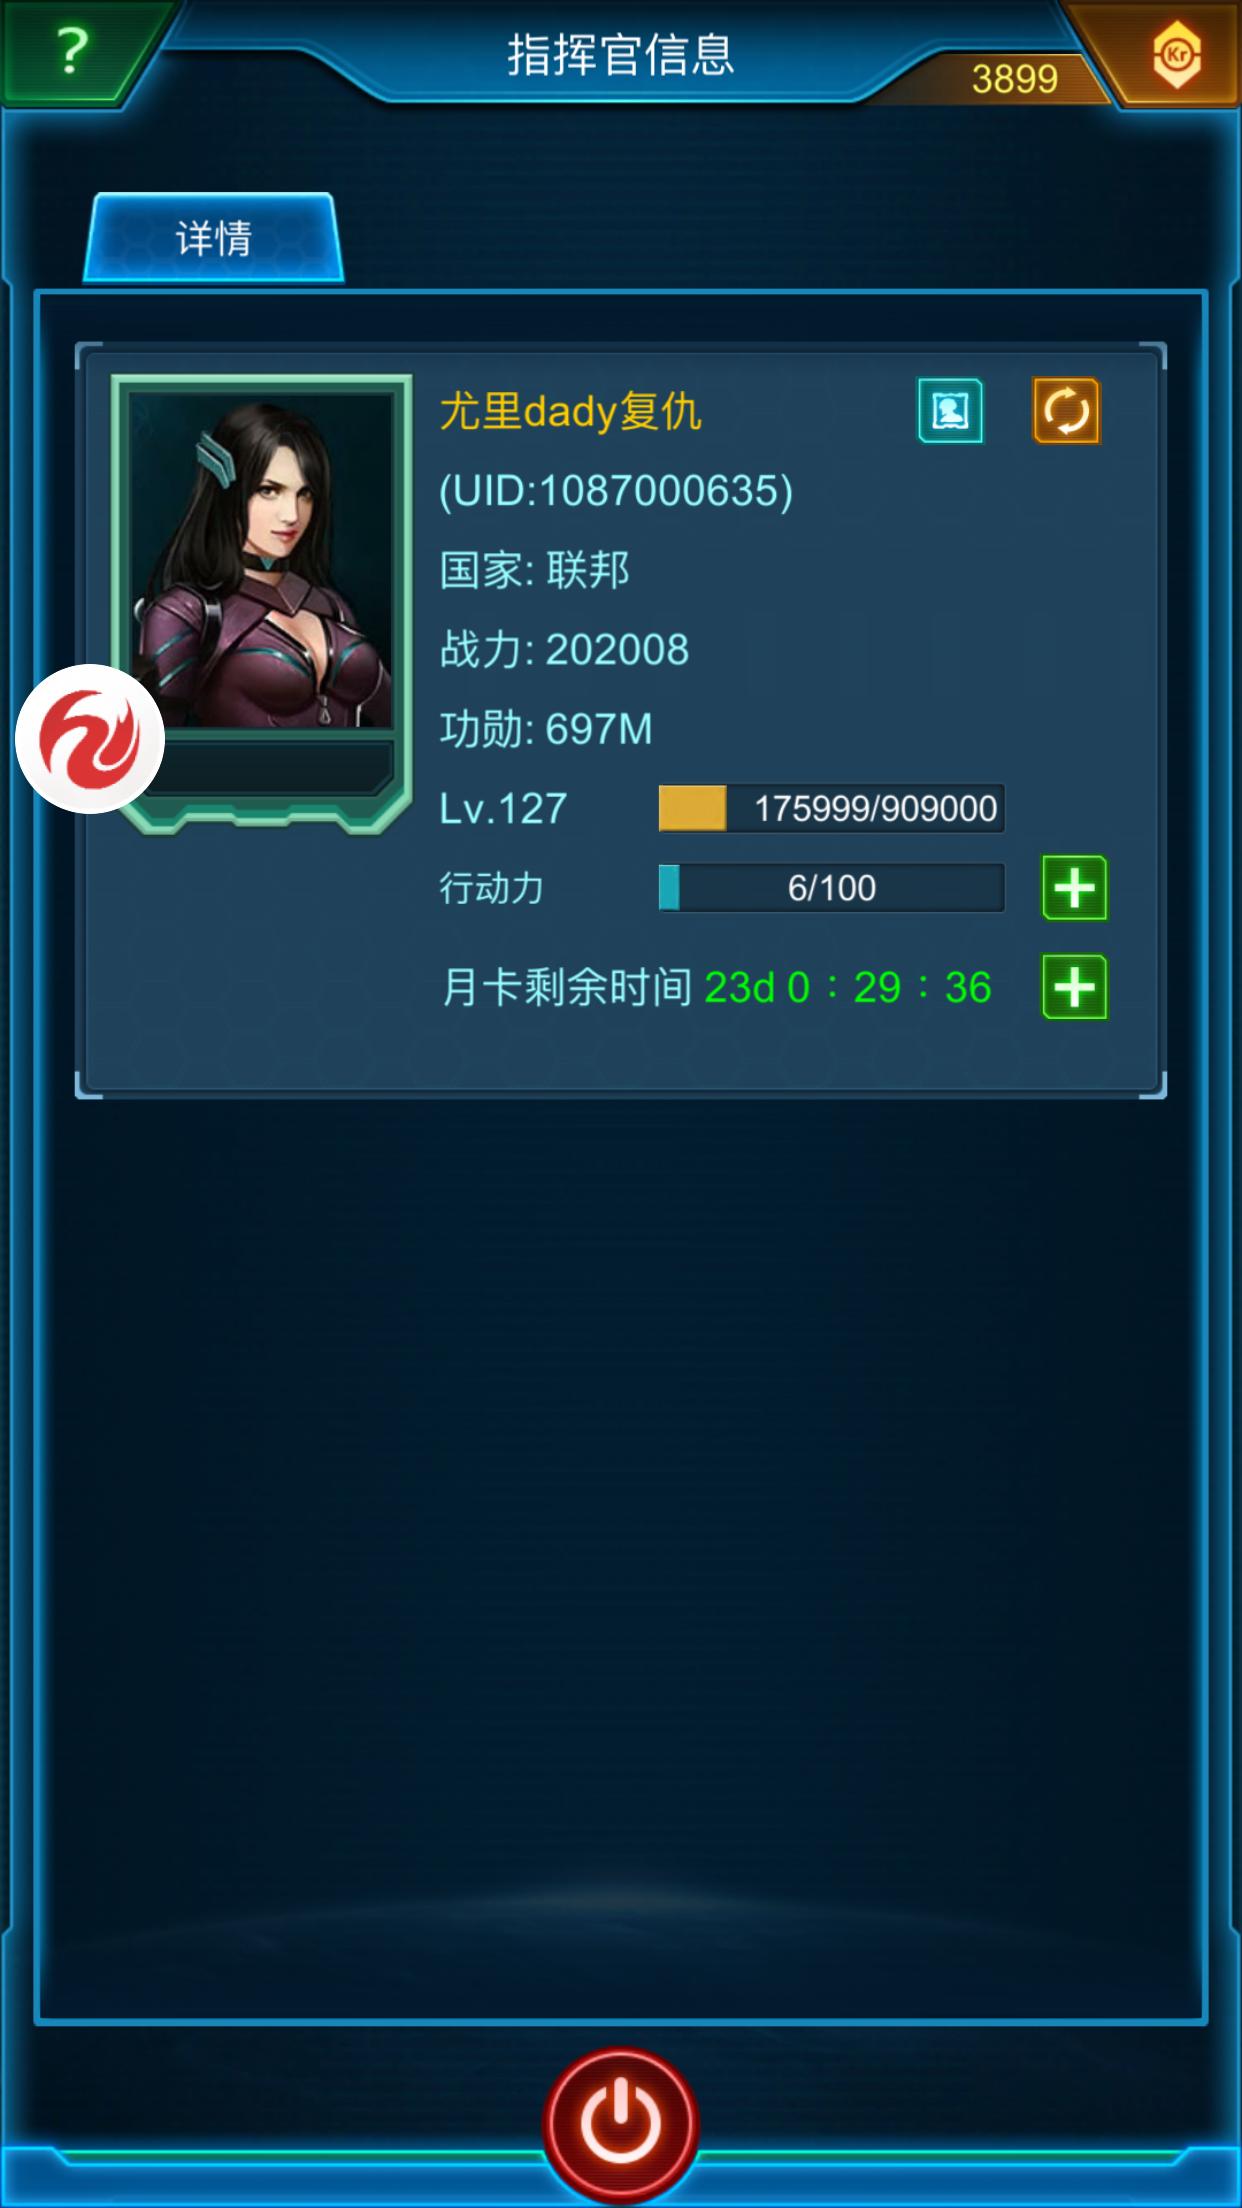 9C8B789E-561E-42C4-A5E0-42B6A7AF20DB.png